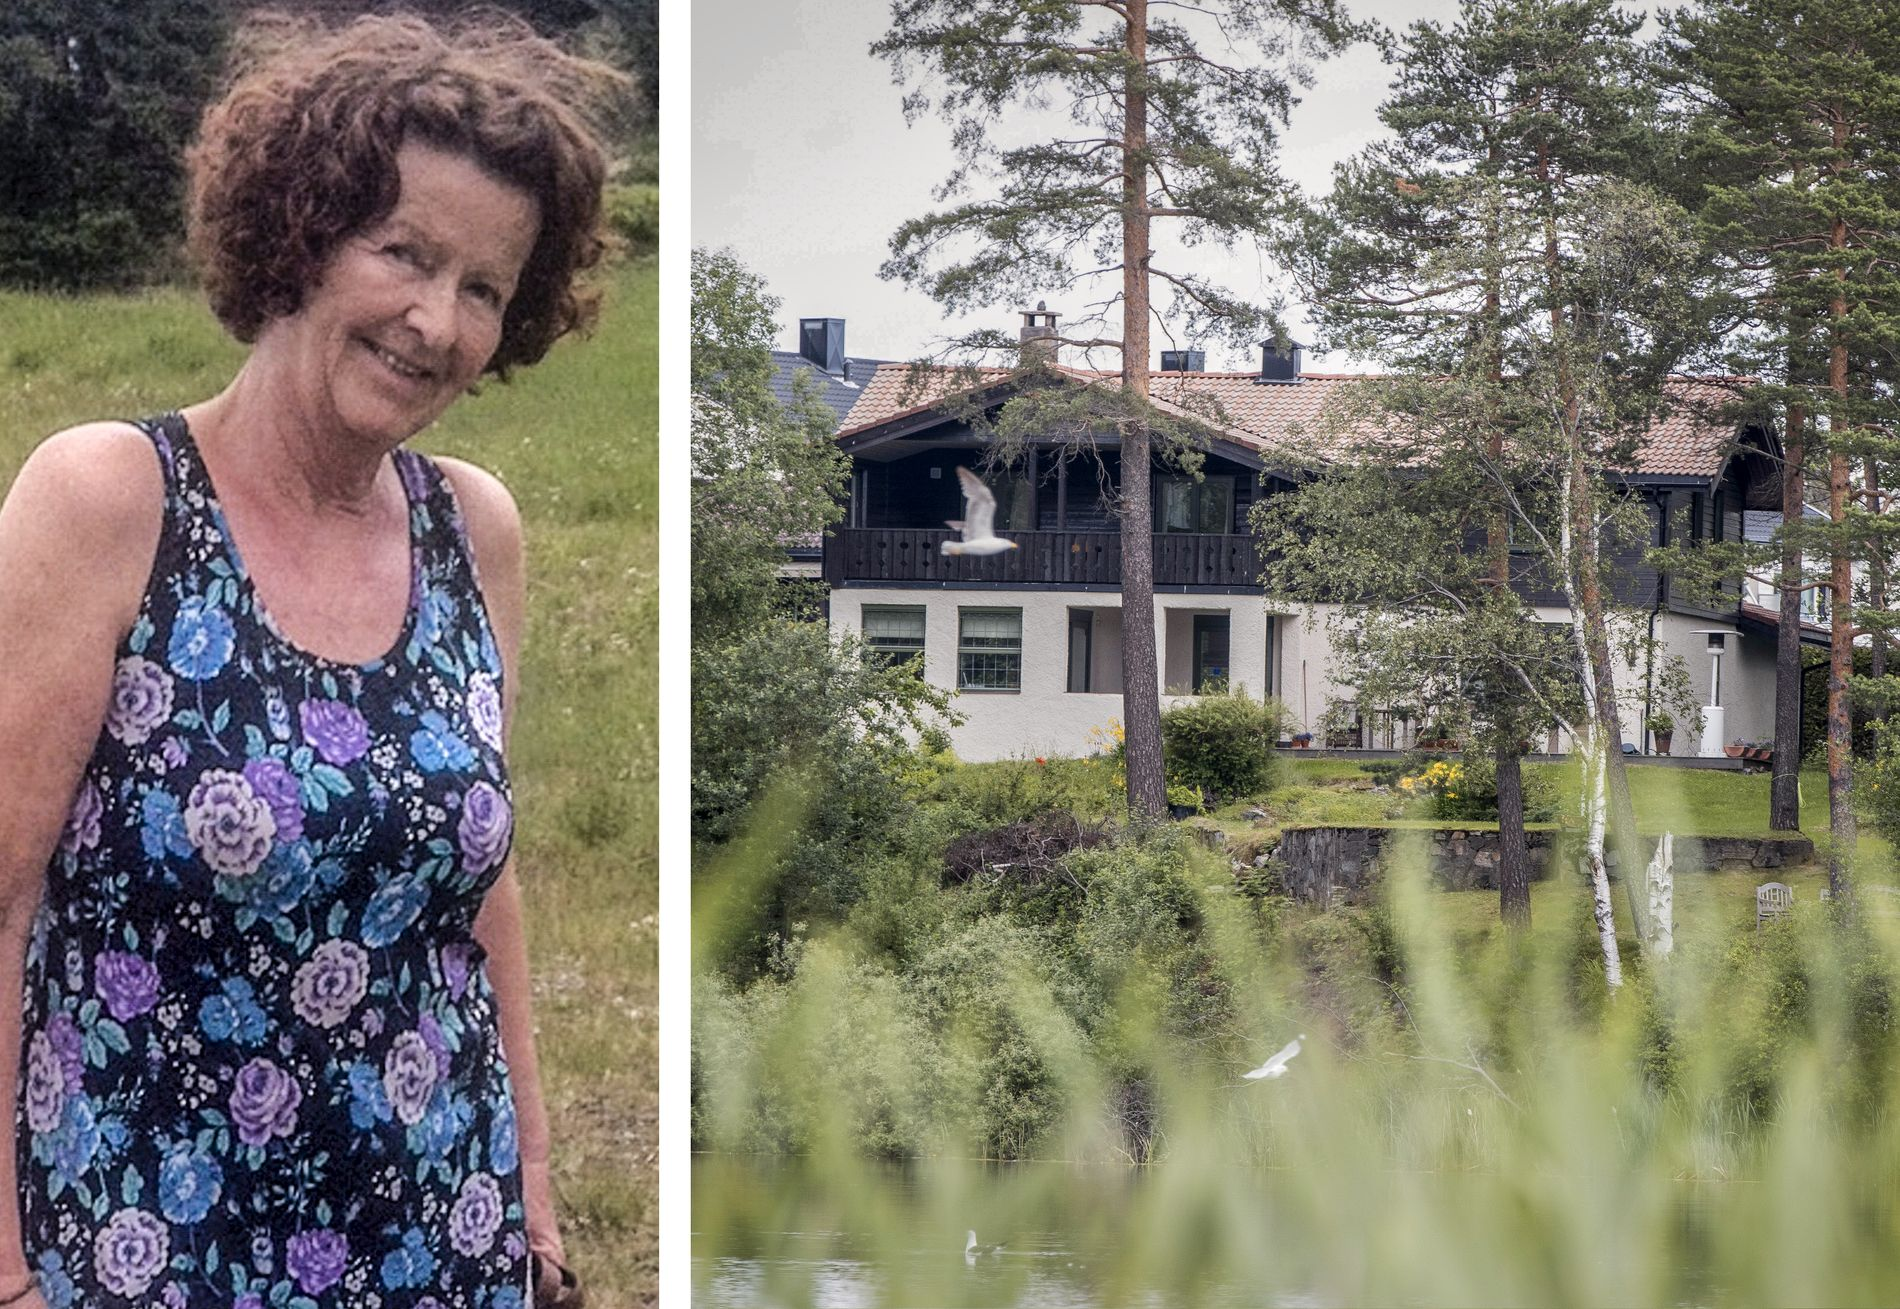 ÅSTEDET: Politiet sier at det er en sentral oppgave å finne ut hvem som oppholdt seg på åstedet i Sloraveien på Lørenskog 31. oktober i fjor, da Anne-Elisabeth Hagen forsvant.